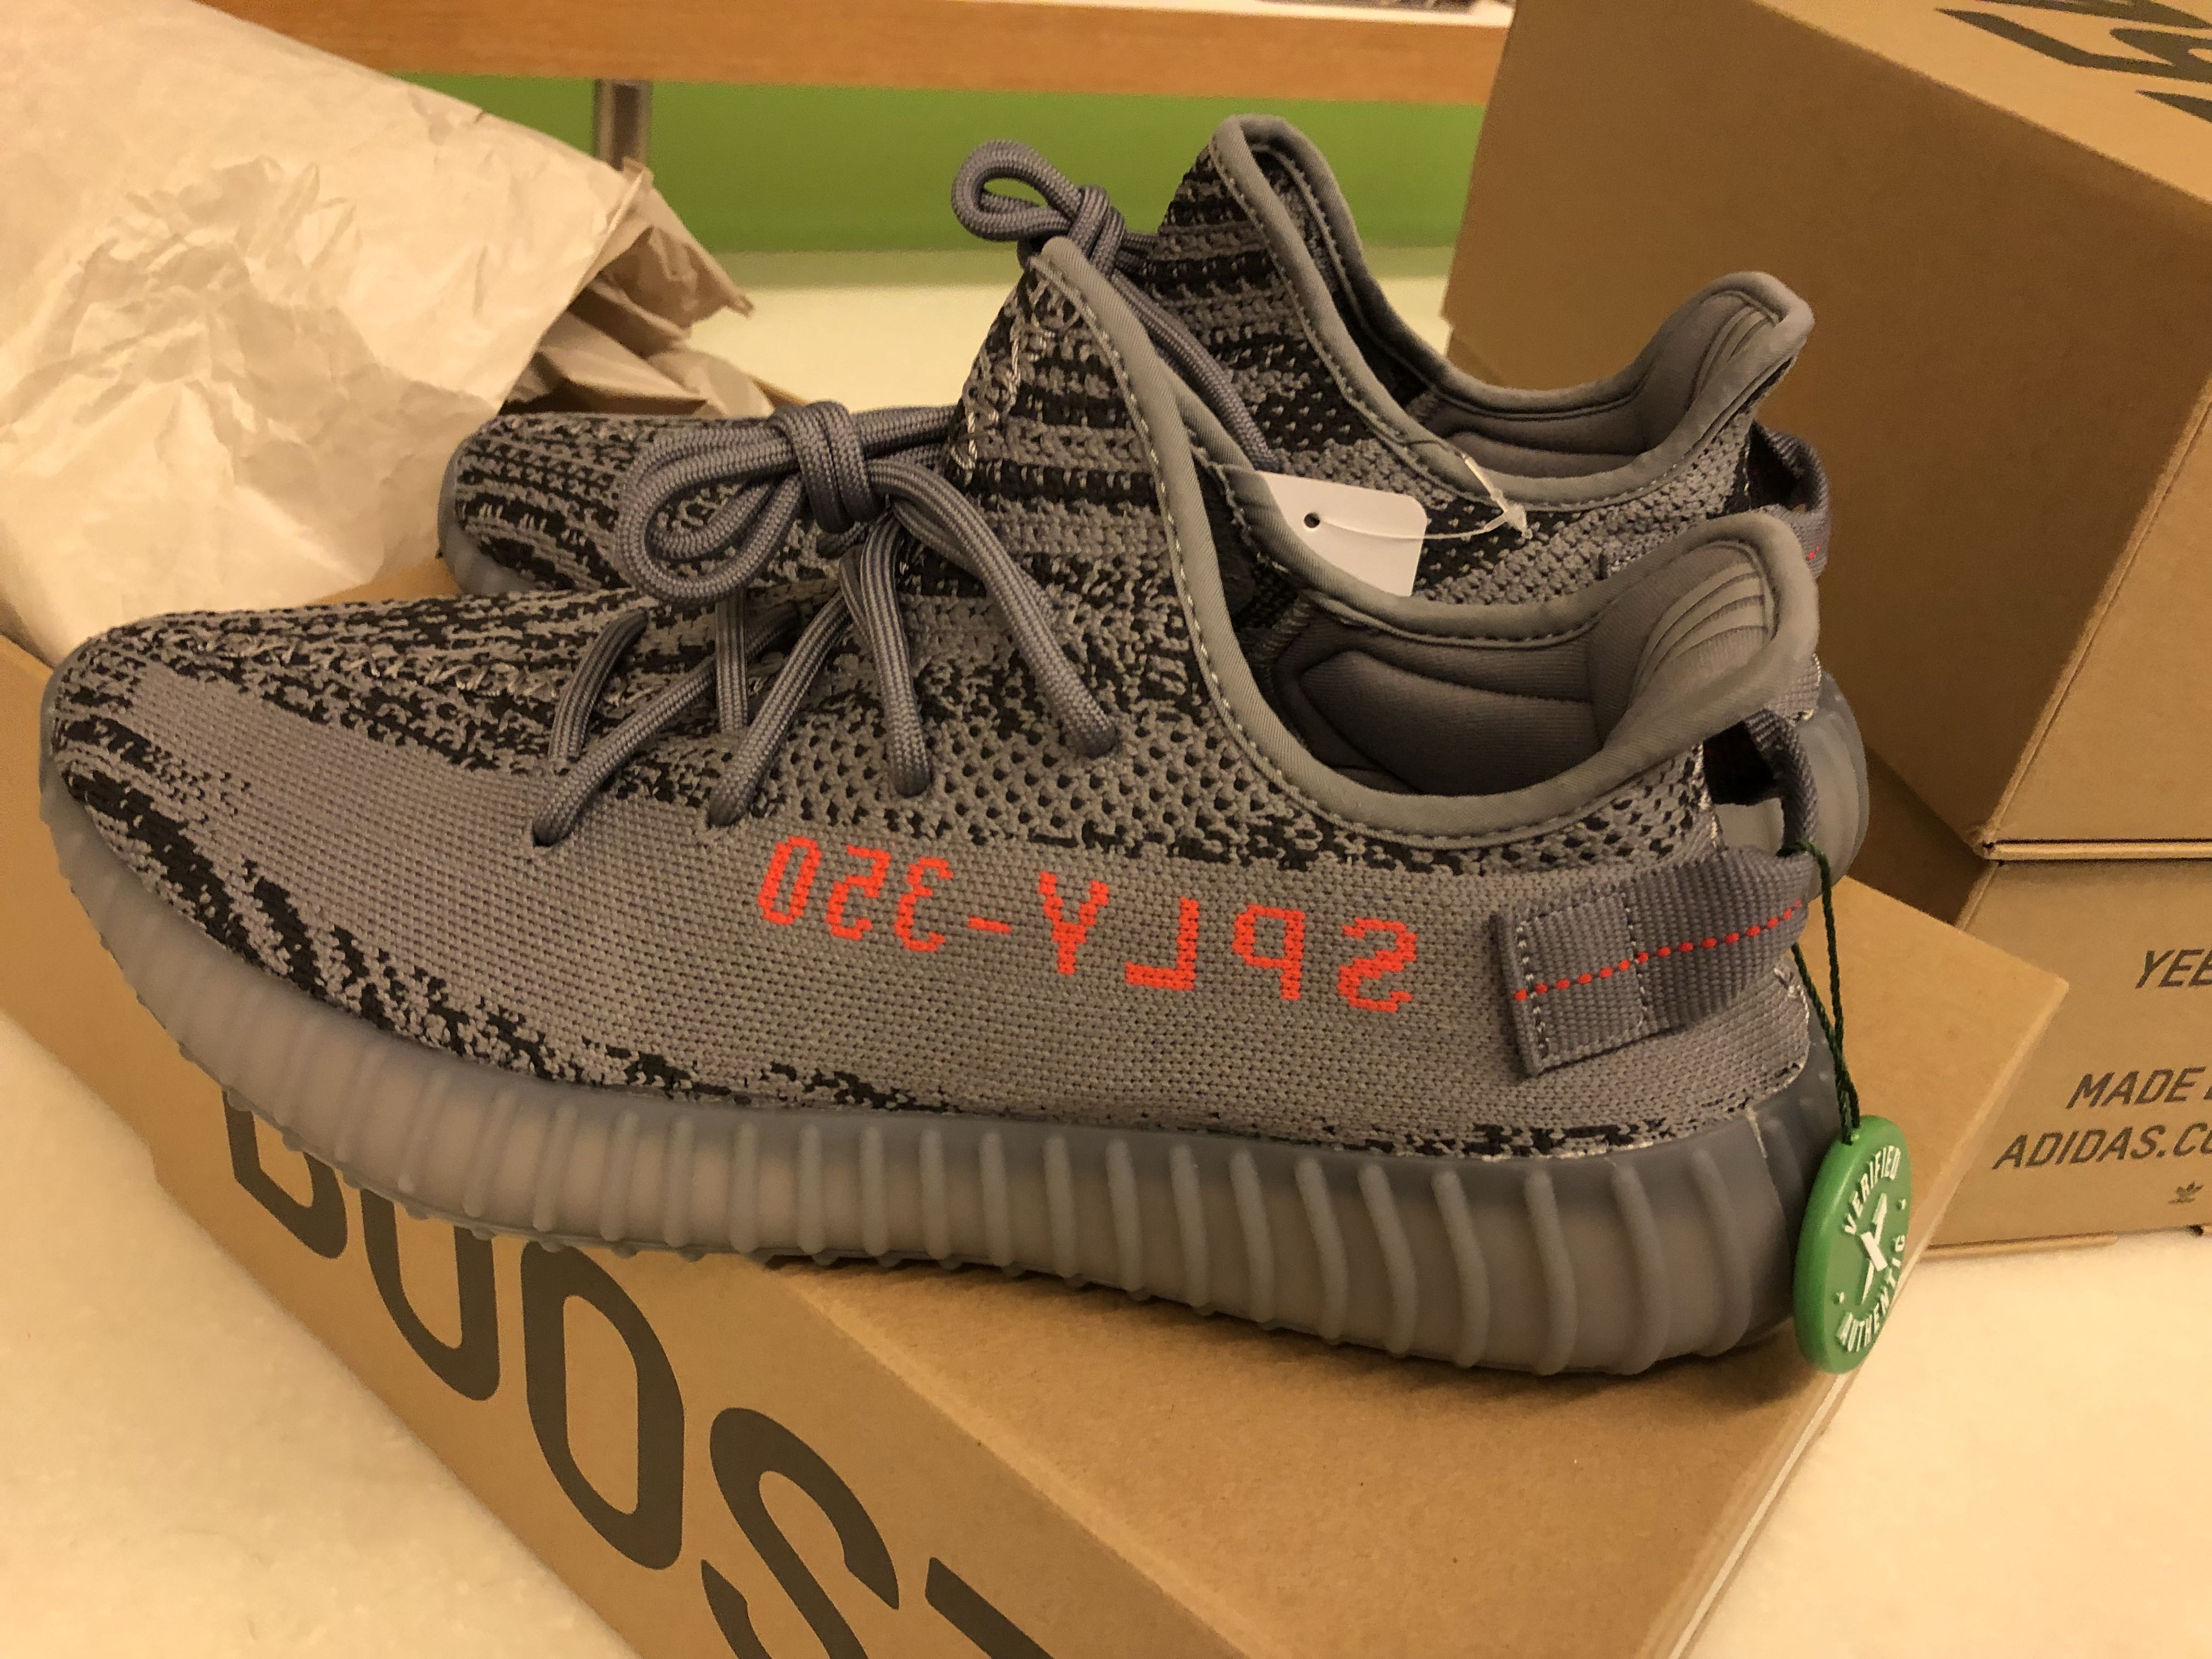 e8b6fa272 Adidas Yeezy Boost 350 V2 Beluga 2.0 UK9.5 US10